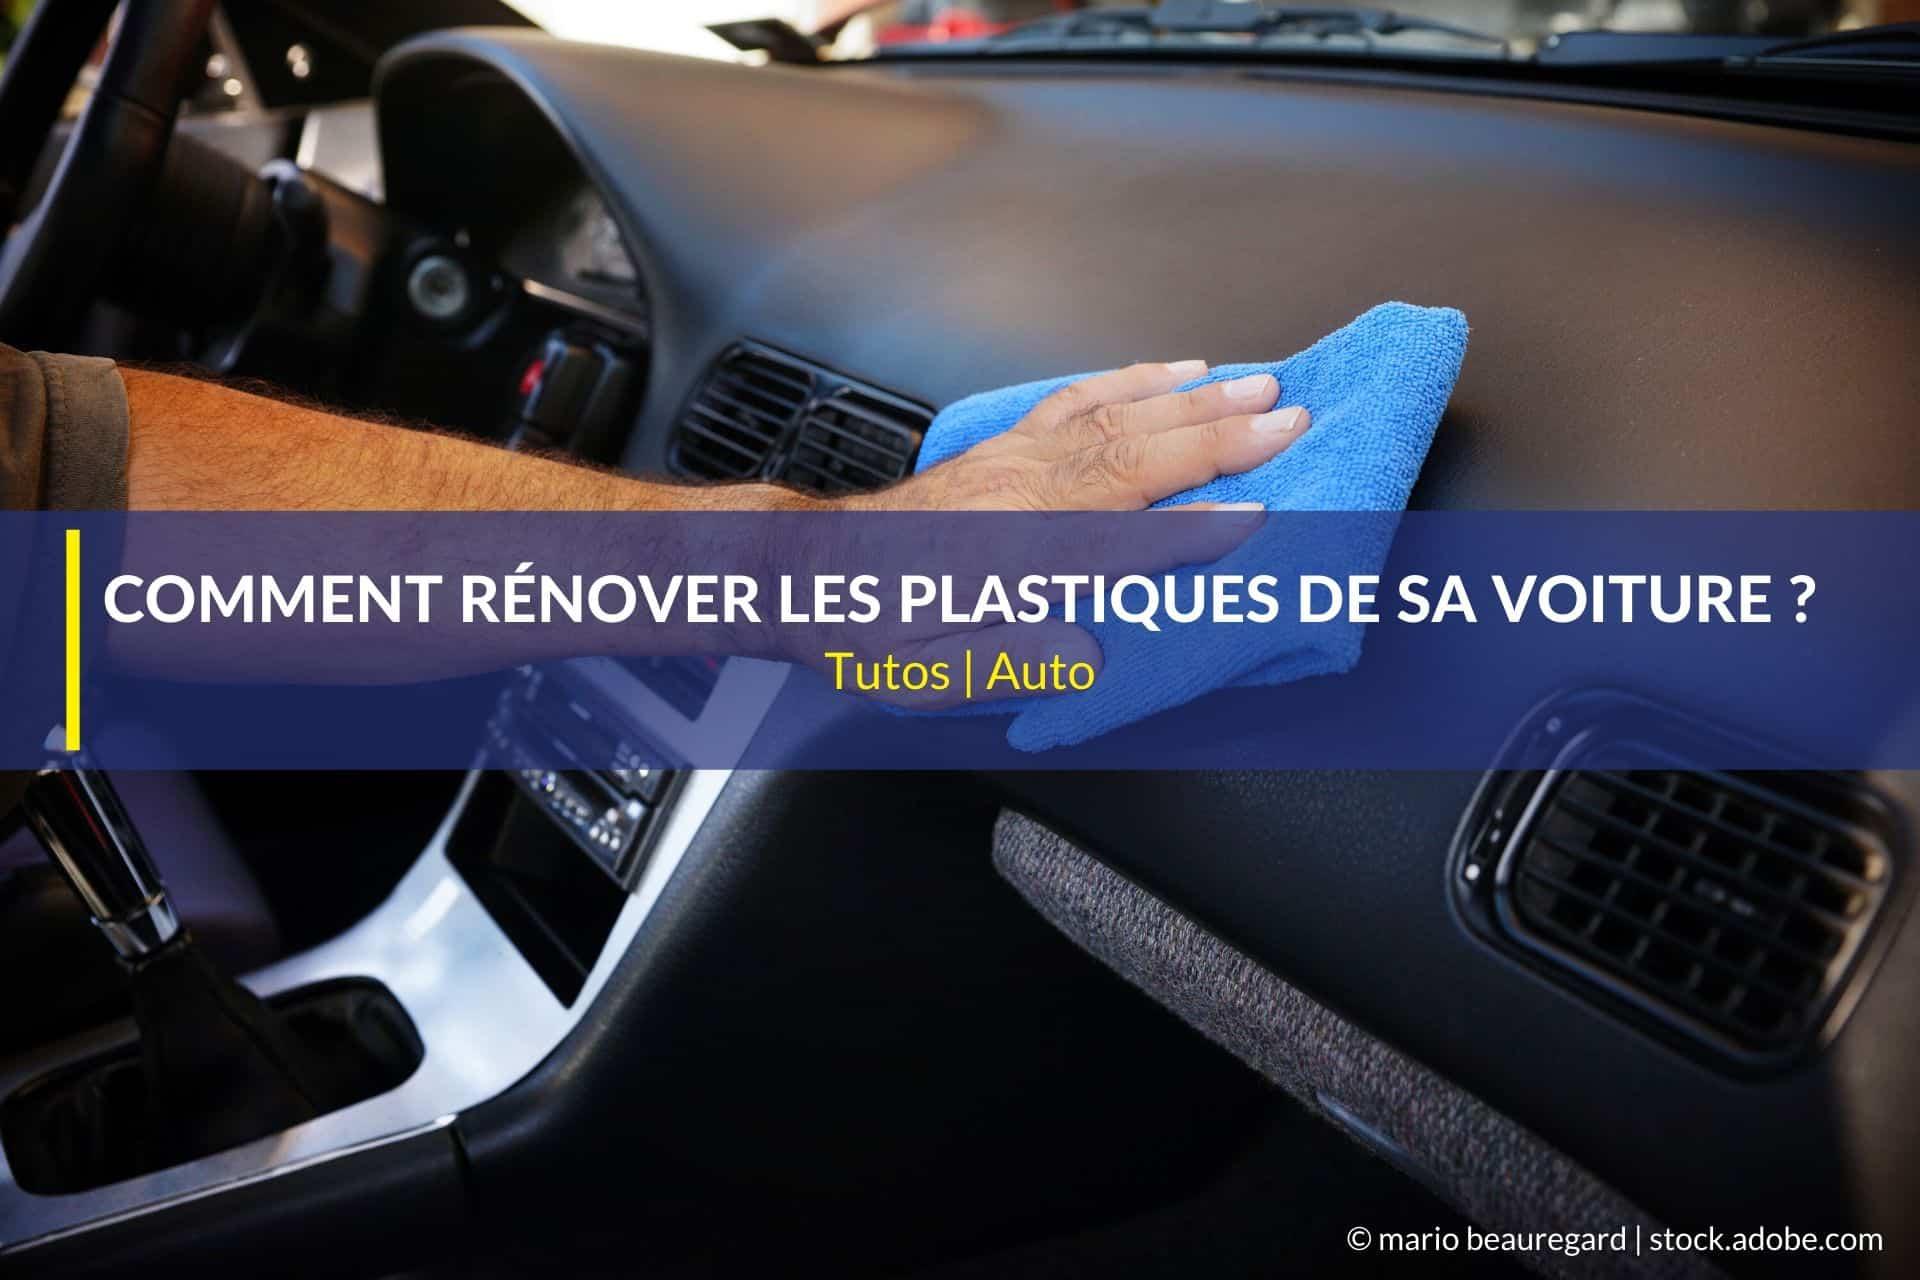 rénover plastiques voiture